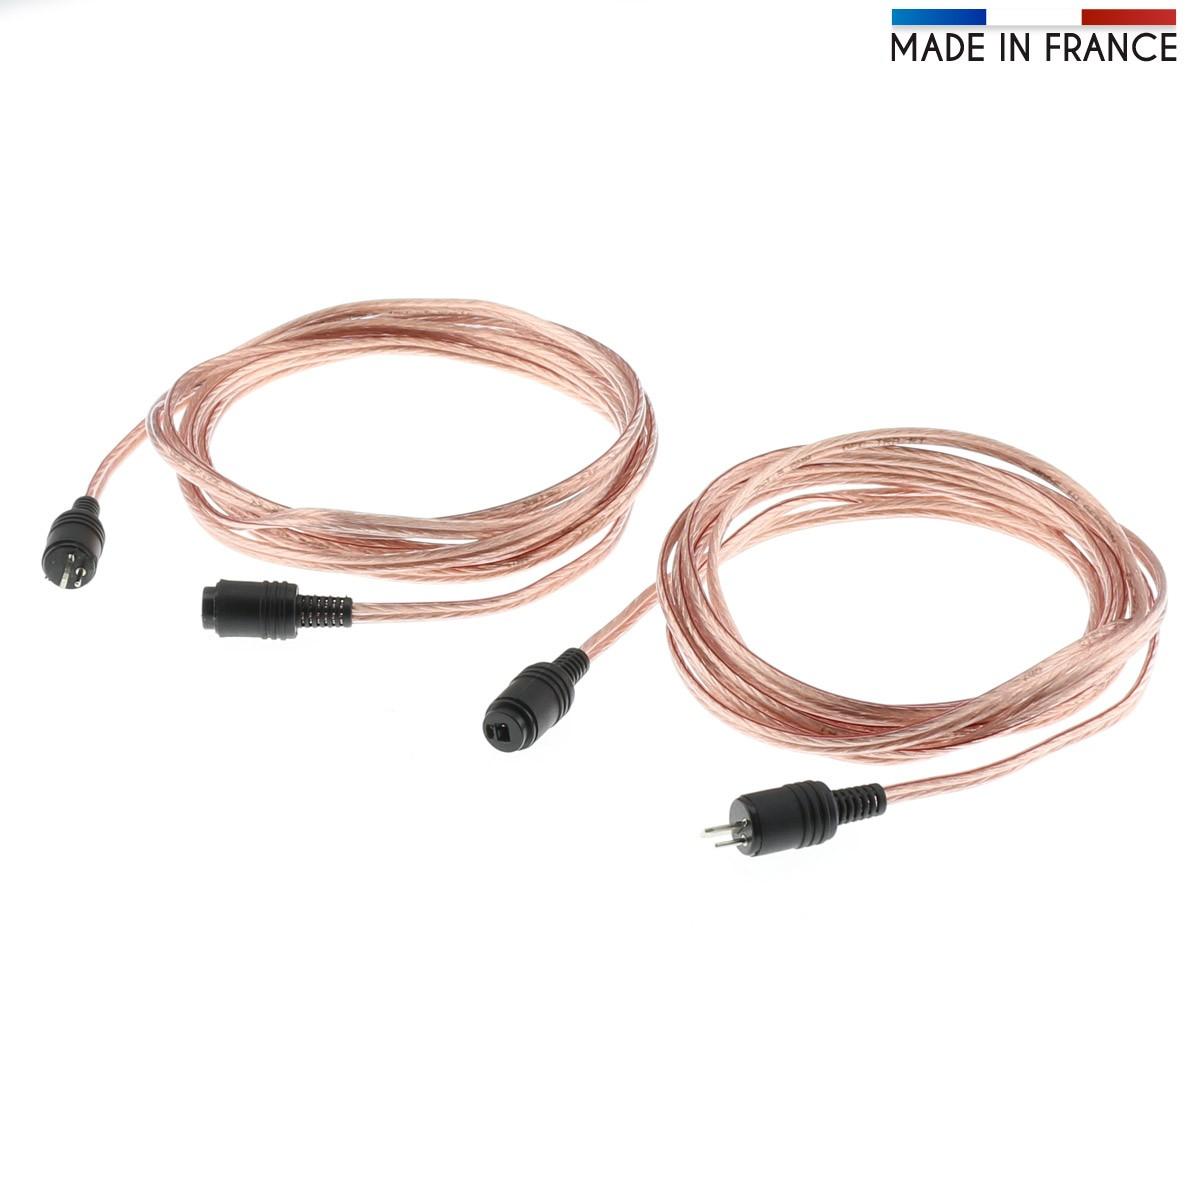 AUDIOPHONICS Câbles d'enceintes DIN 2 Broches pour Bang & Olufsen / NAIM (La paire) 3m